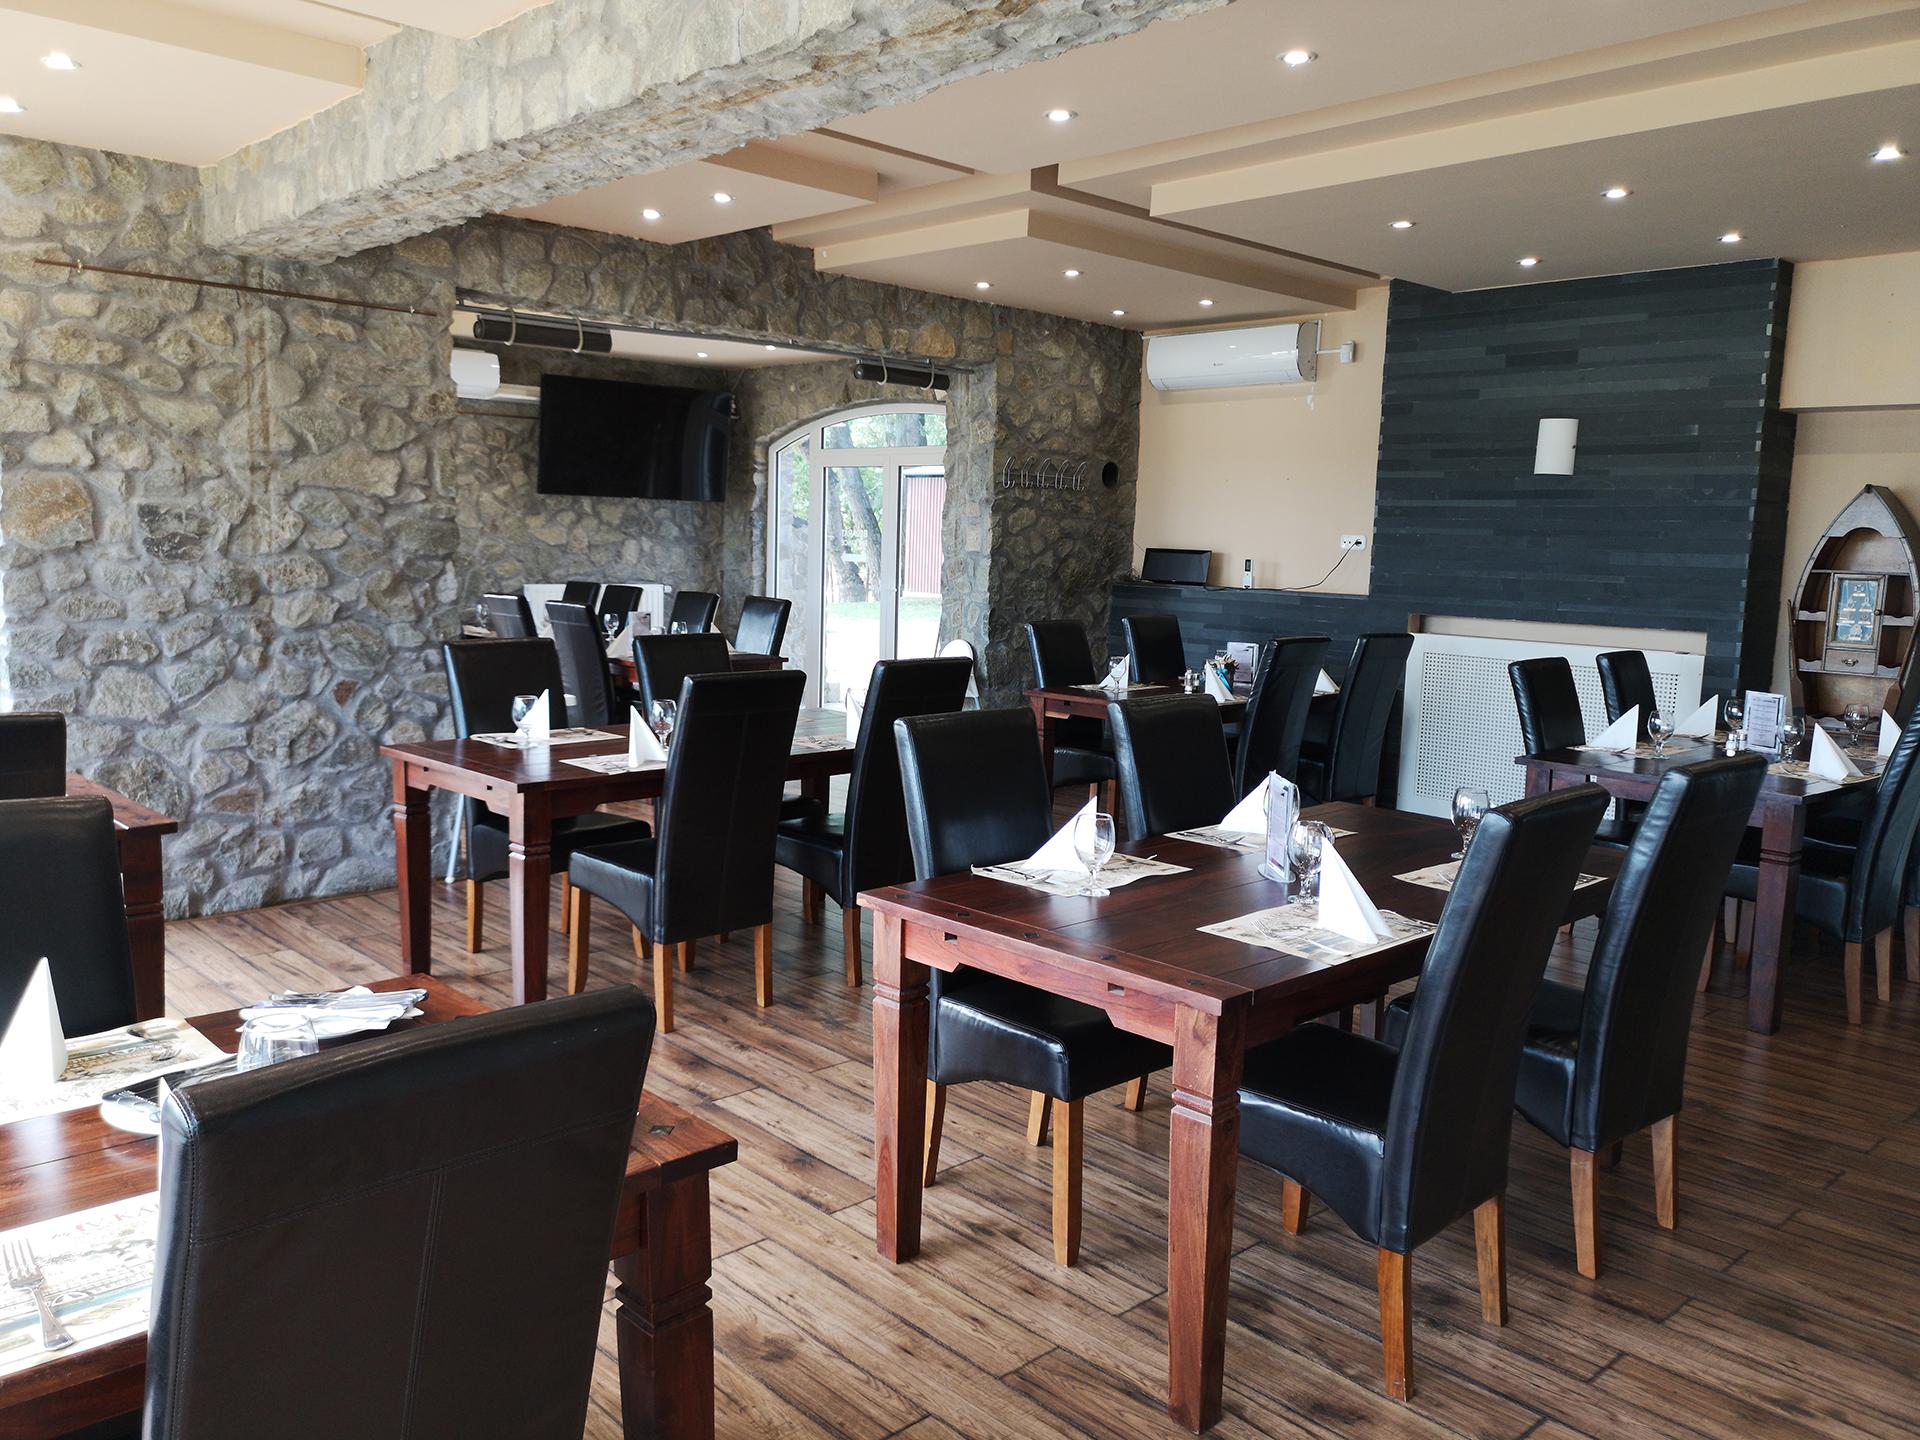 Étterem belső1